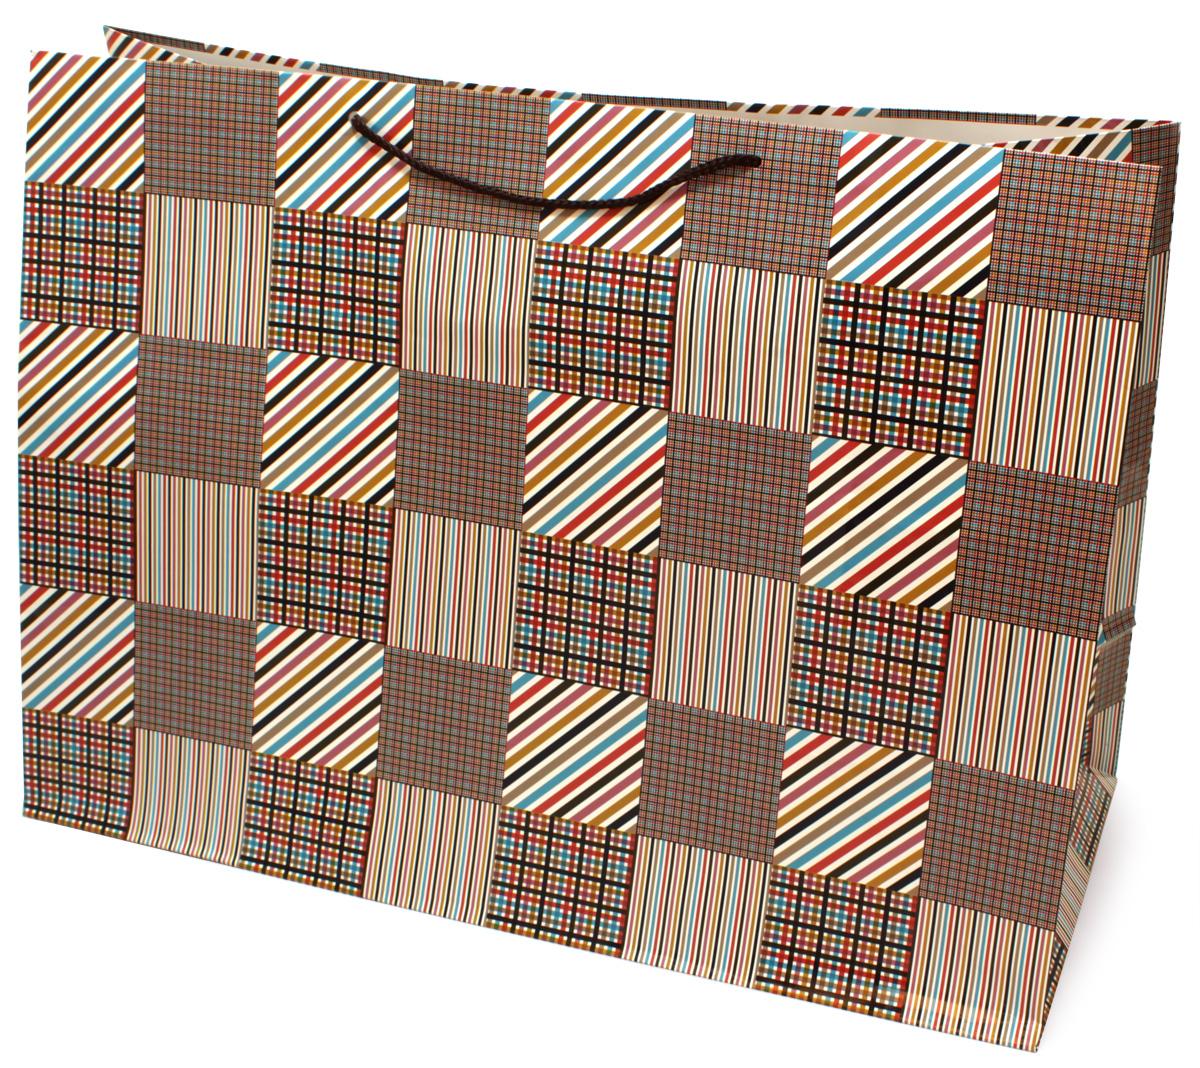 Пакет подарочный МегаМАГ Mix. Клетка, 56 х 41 х 24 см. 924/925 XXLHNLED-454-9W-BKПодарочный пакет МегаМАГ, изготовленный из плотной ламинированной бумаги, станет незаменимым дополнением к выбранному подарку. Для удобной переноски на пакете имеются ручки-шнурки.Подарок, преподнесенный в оригинальной упаковке, всегда будет самым эффектным и запоминающимся. Окружите близких людей вниманием и заботой, вручив презент в нарядном, праздничном оформлении.